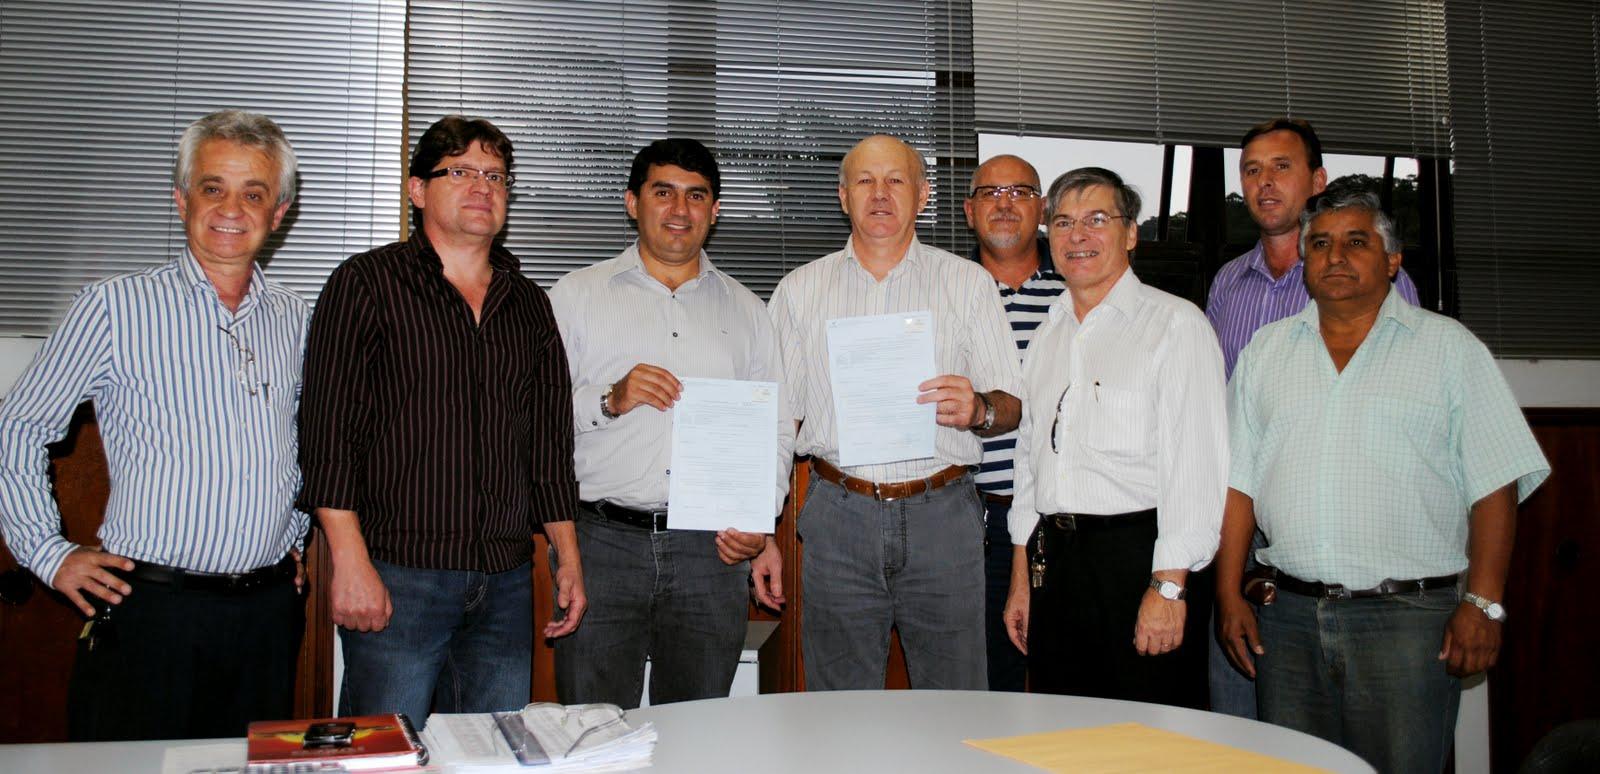 Grupo Carboni recebe licenças ambientais para iniciar investimento em Rio das Antas DSC 2060